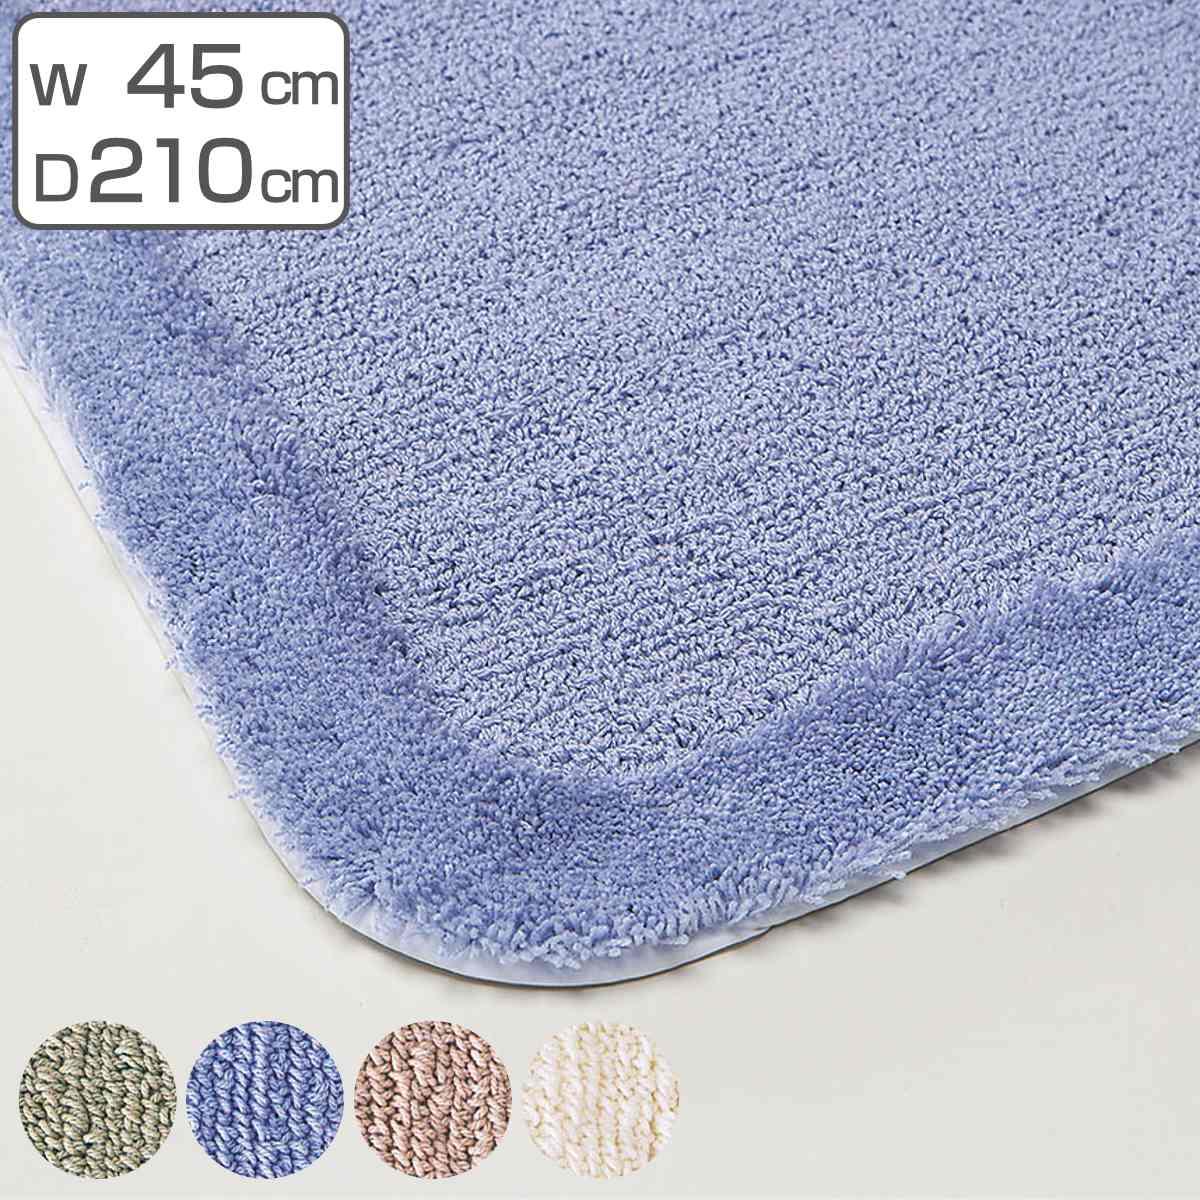 バスマット業務用 吸水ループパイル ノンスリップ抗菌仕様 45×210  ( 足拭き 風呂マット 送料無料 )